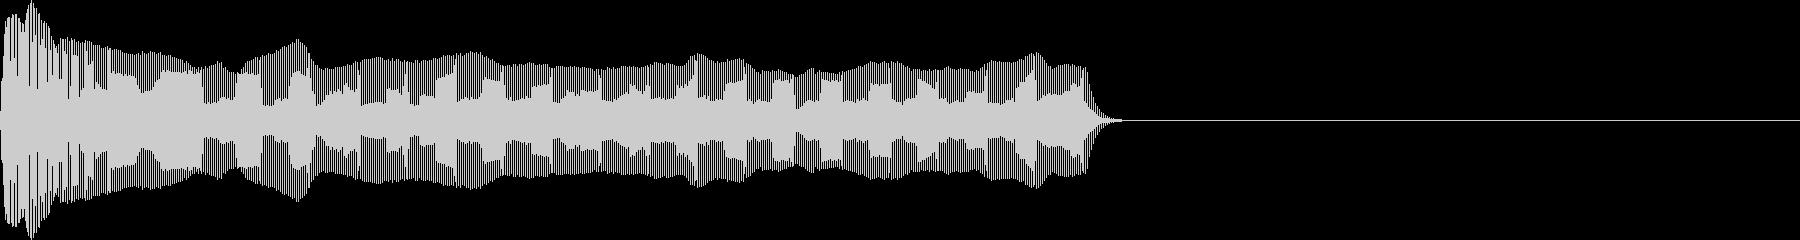 お馴染みのインパクト音!レゲエホーンの未再生の波形